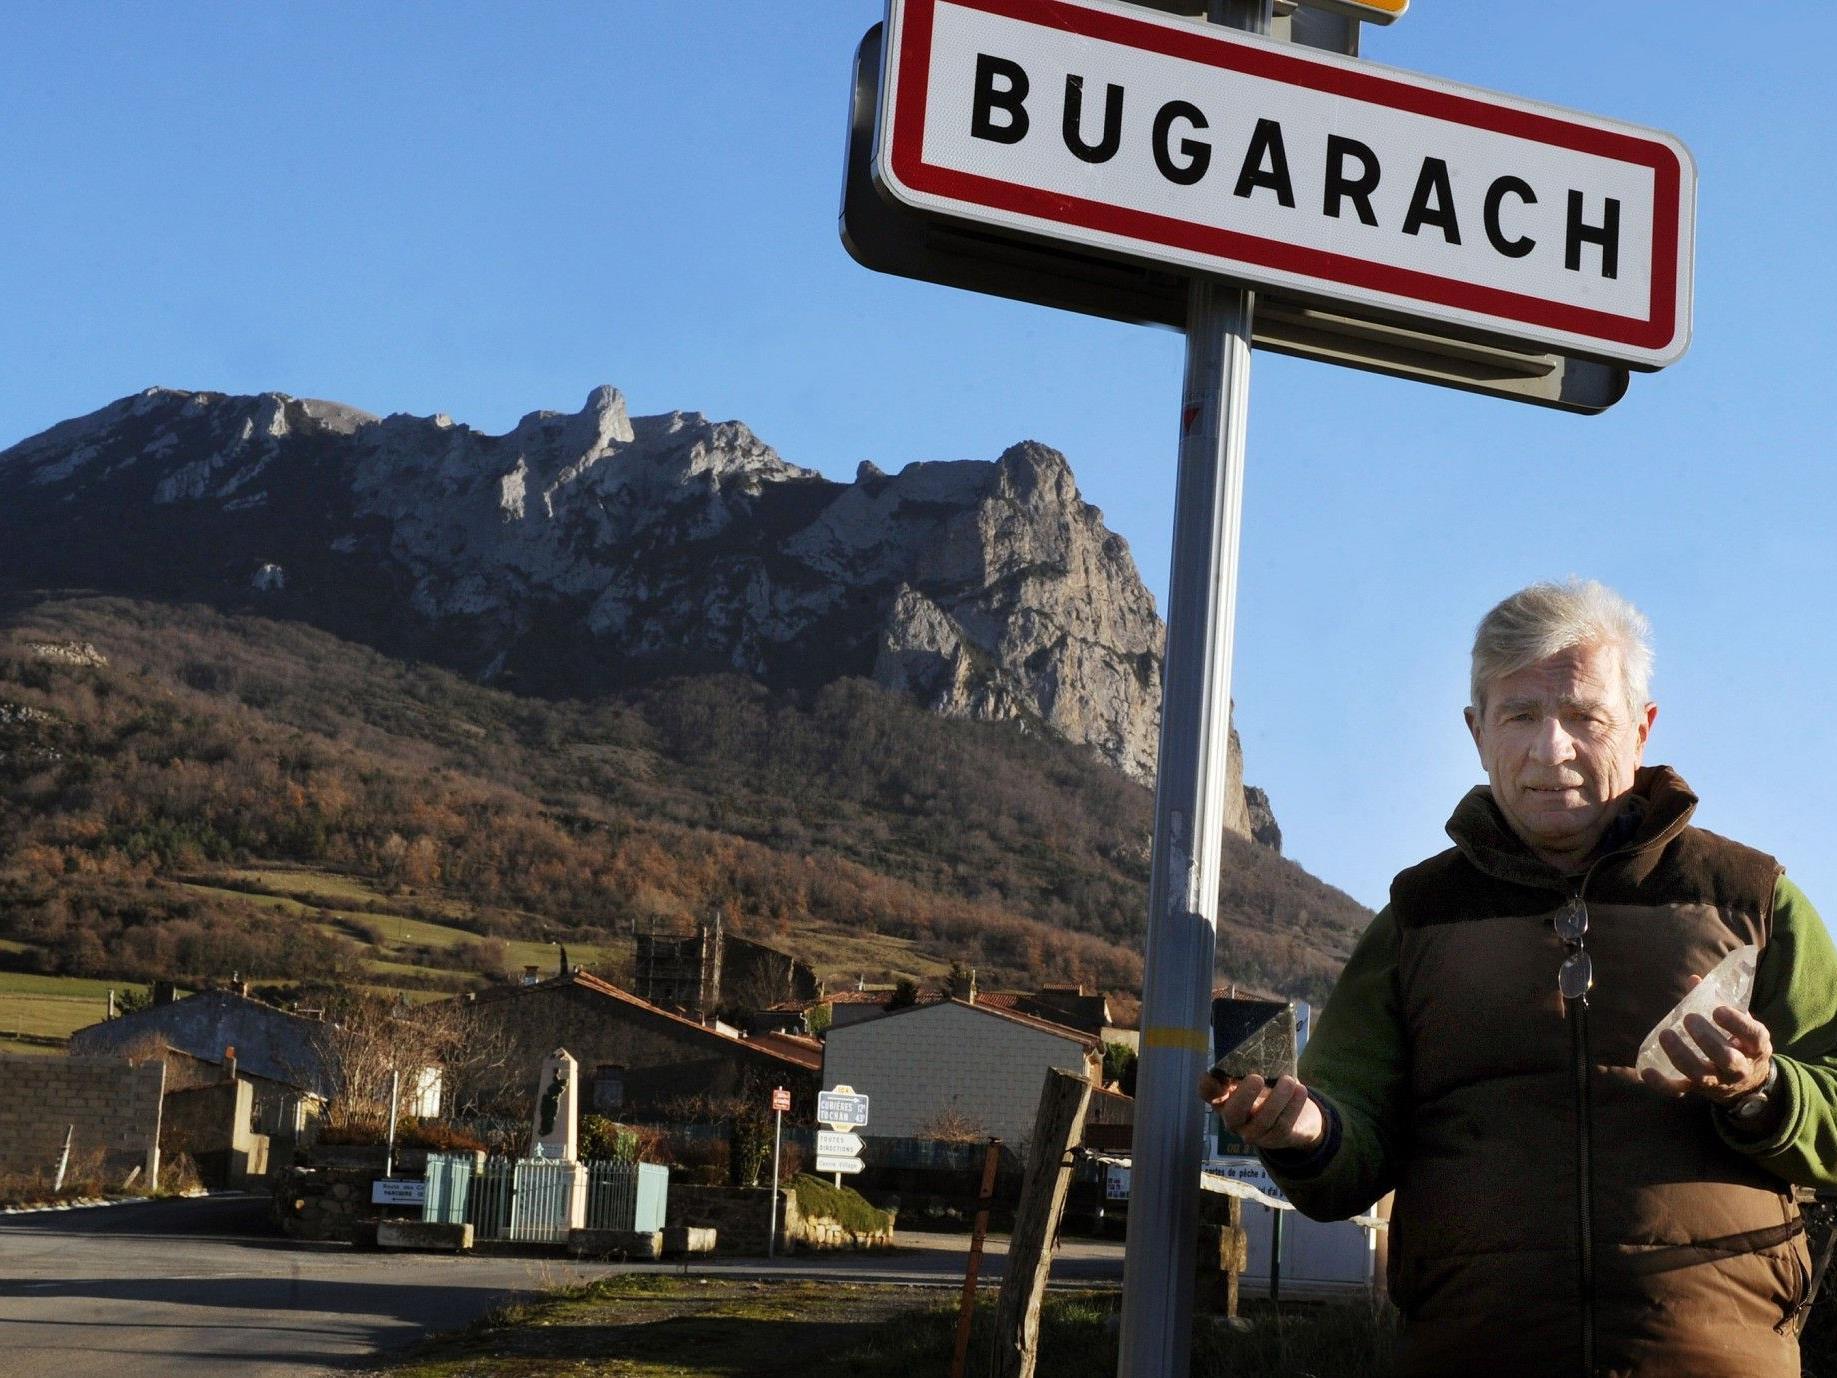 Der Bürgermeister von Bugarach, Jean-Pierre Delord, vor dem Ortsschild.